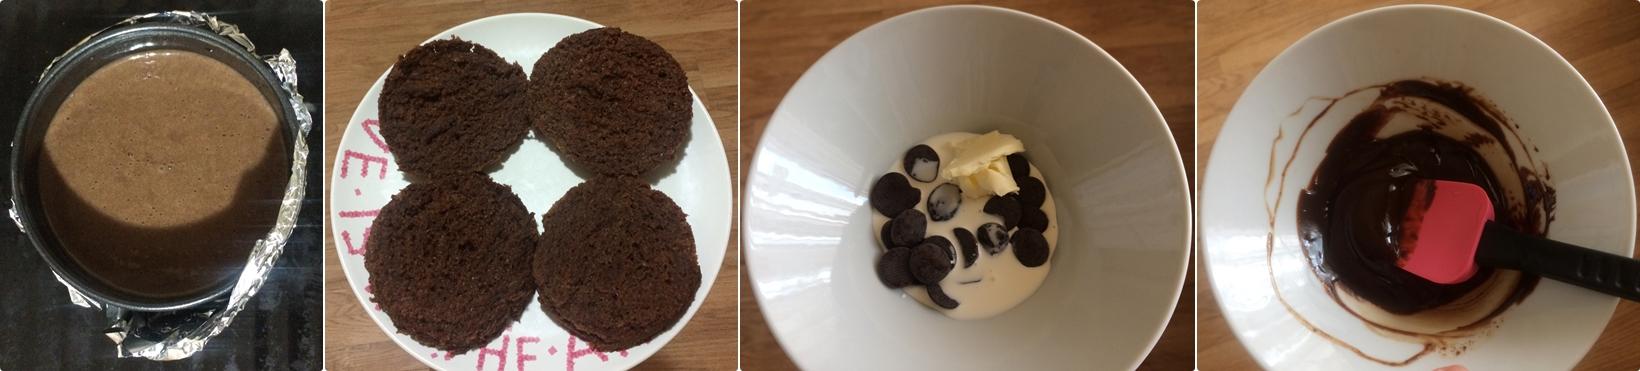 Крем для шифоновый шоколадного бисквита